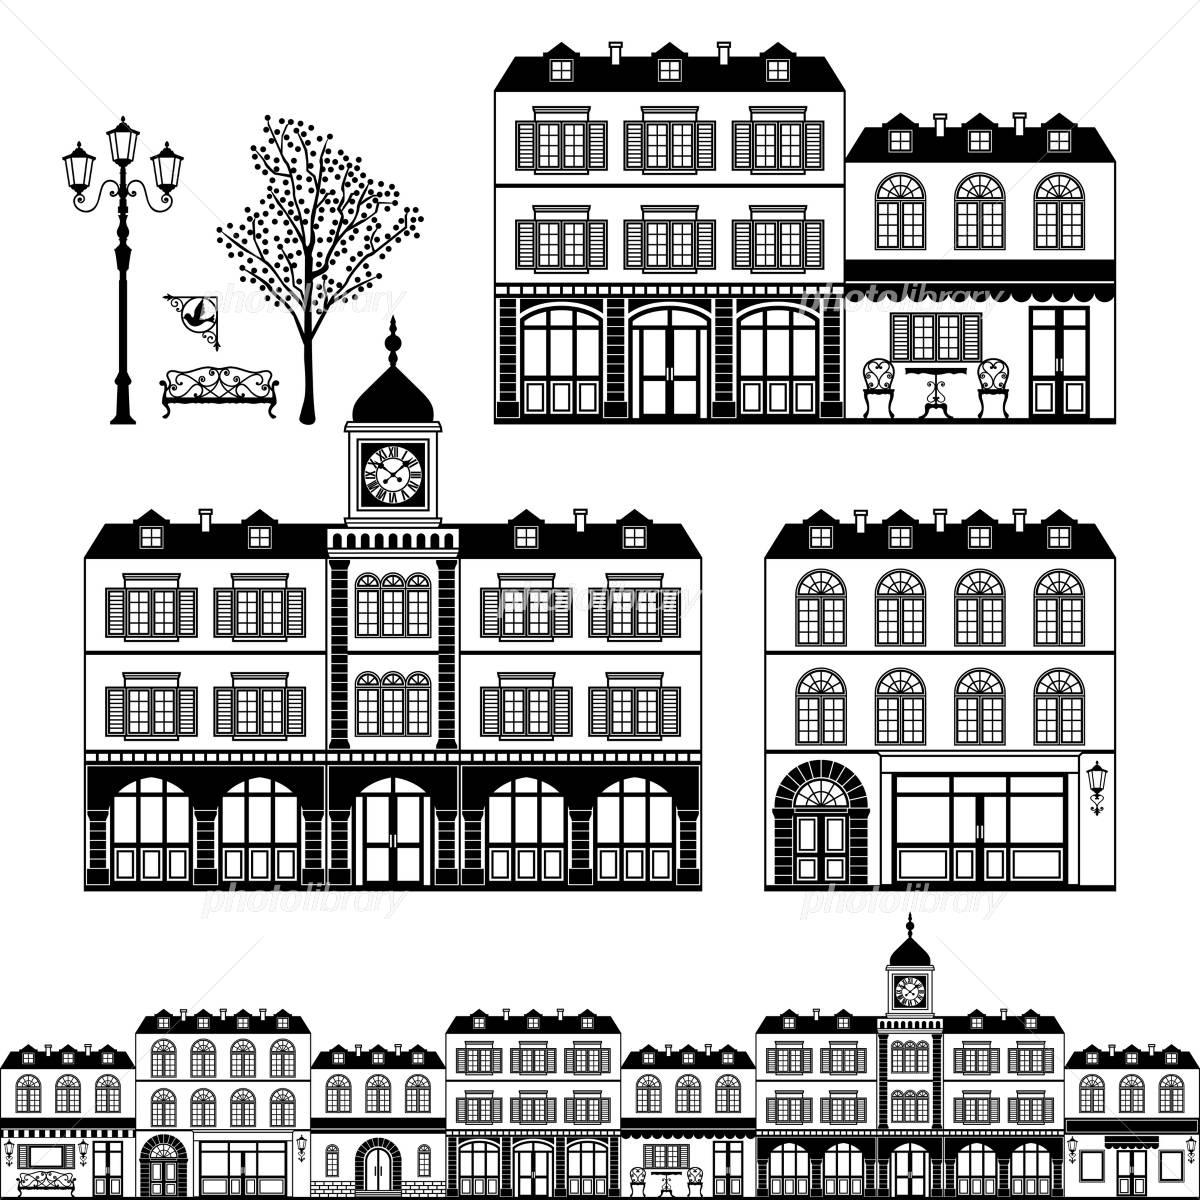 ヨーロッパの街並み イラスト素材 791387 フォトライブラリー